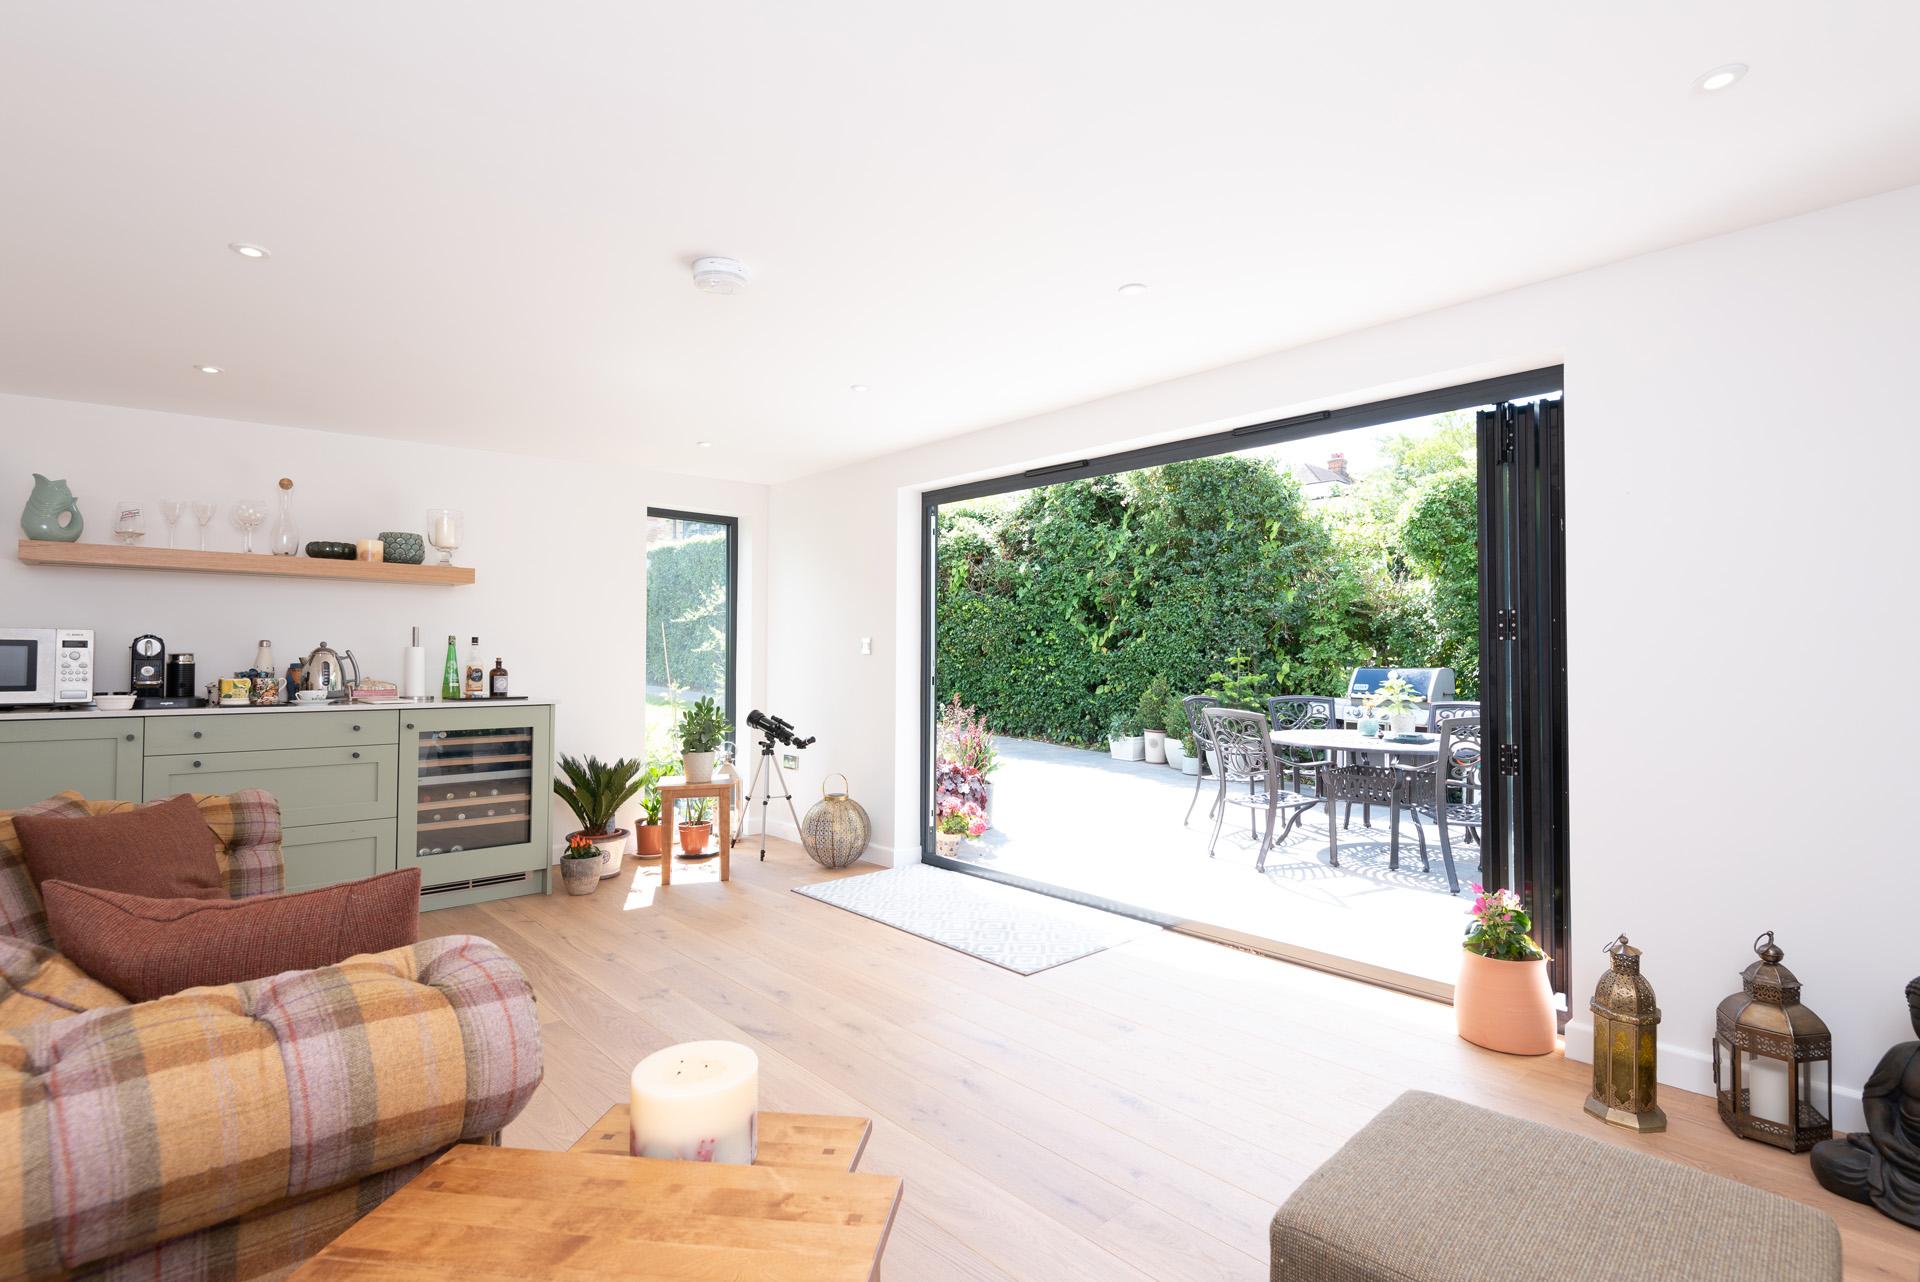 Garden room in Upminster, Essex